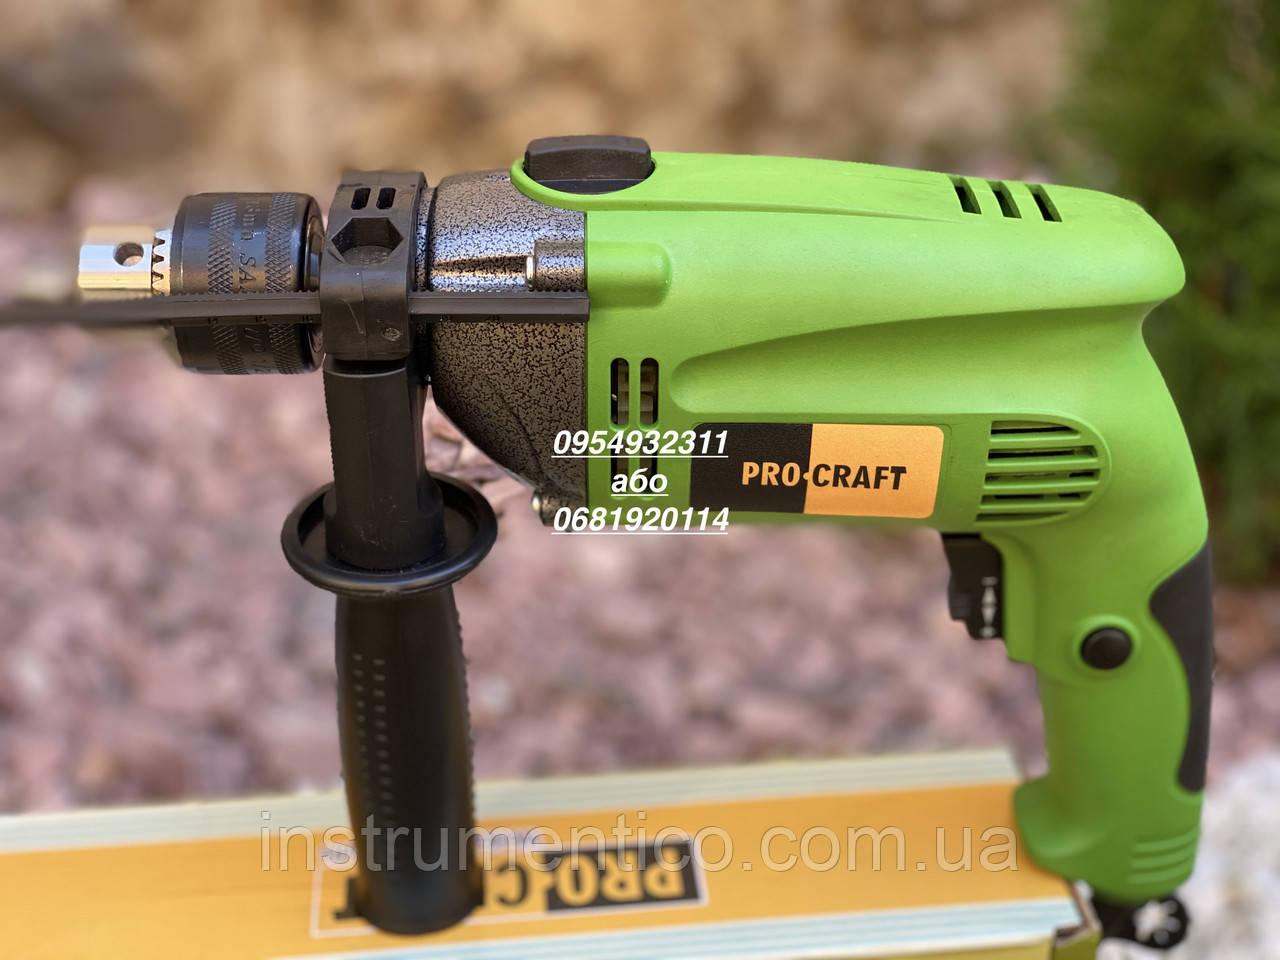 Ударная электрическая дрель Procraft PS950